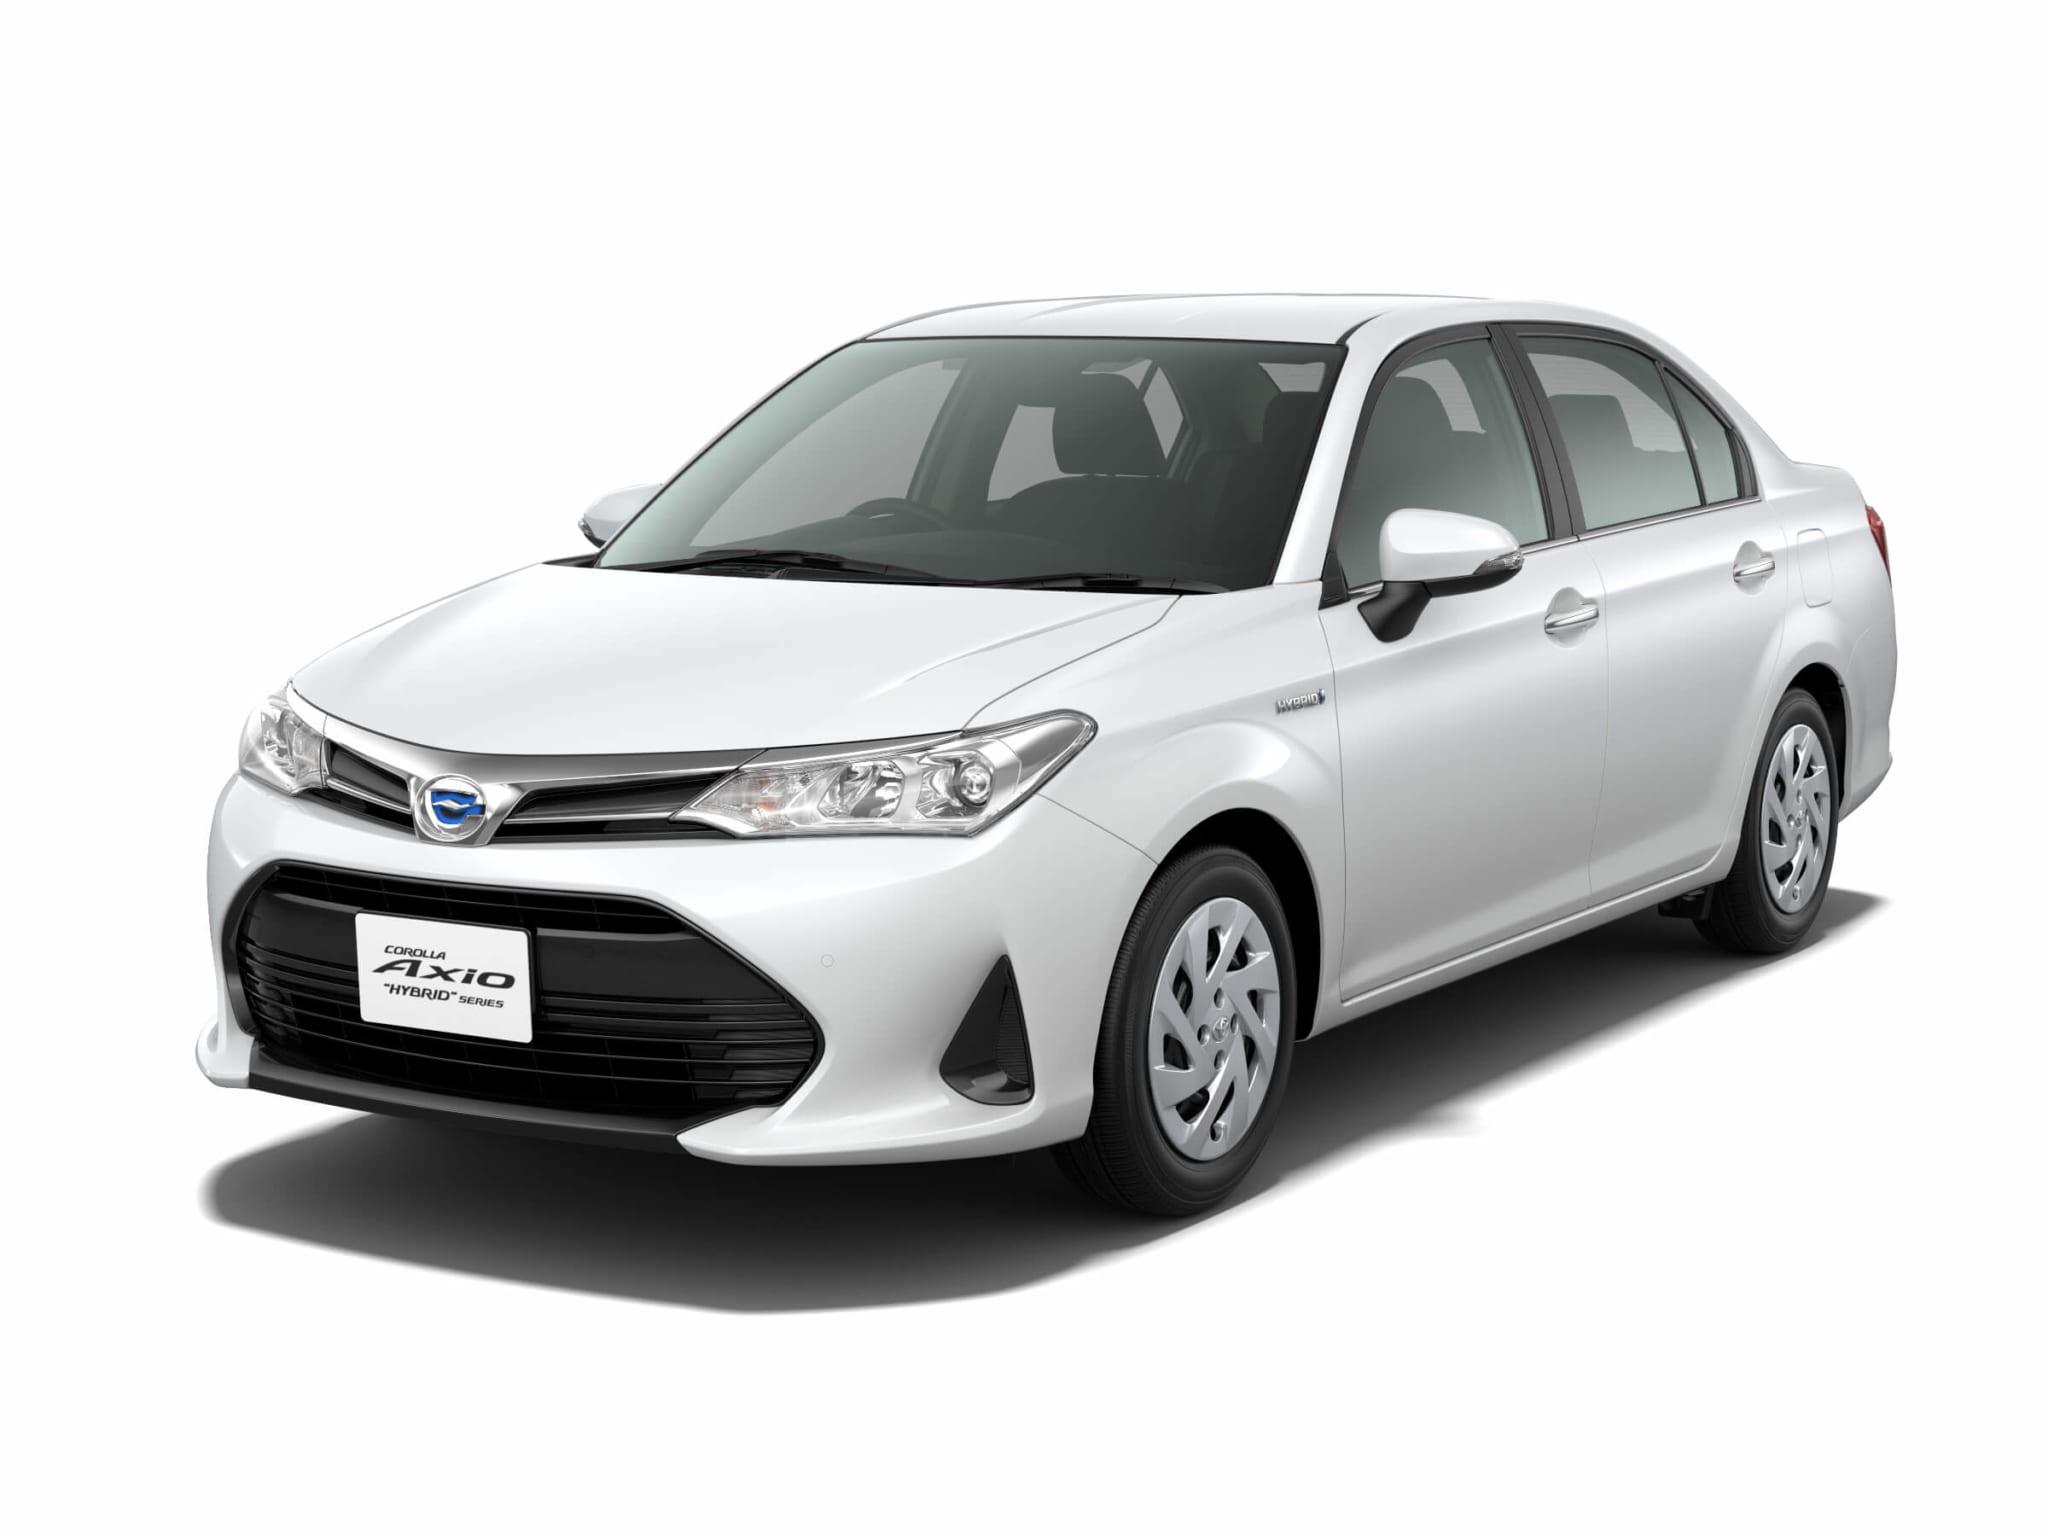 トヨタ カローラアクシオ 2019年